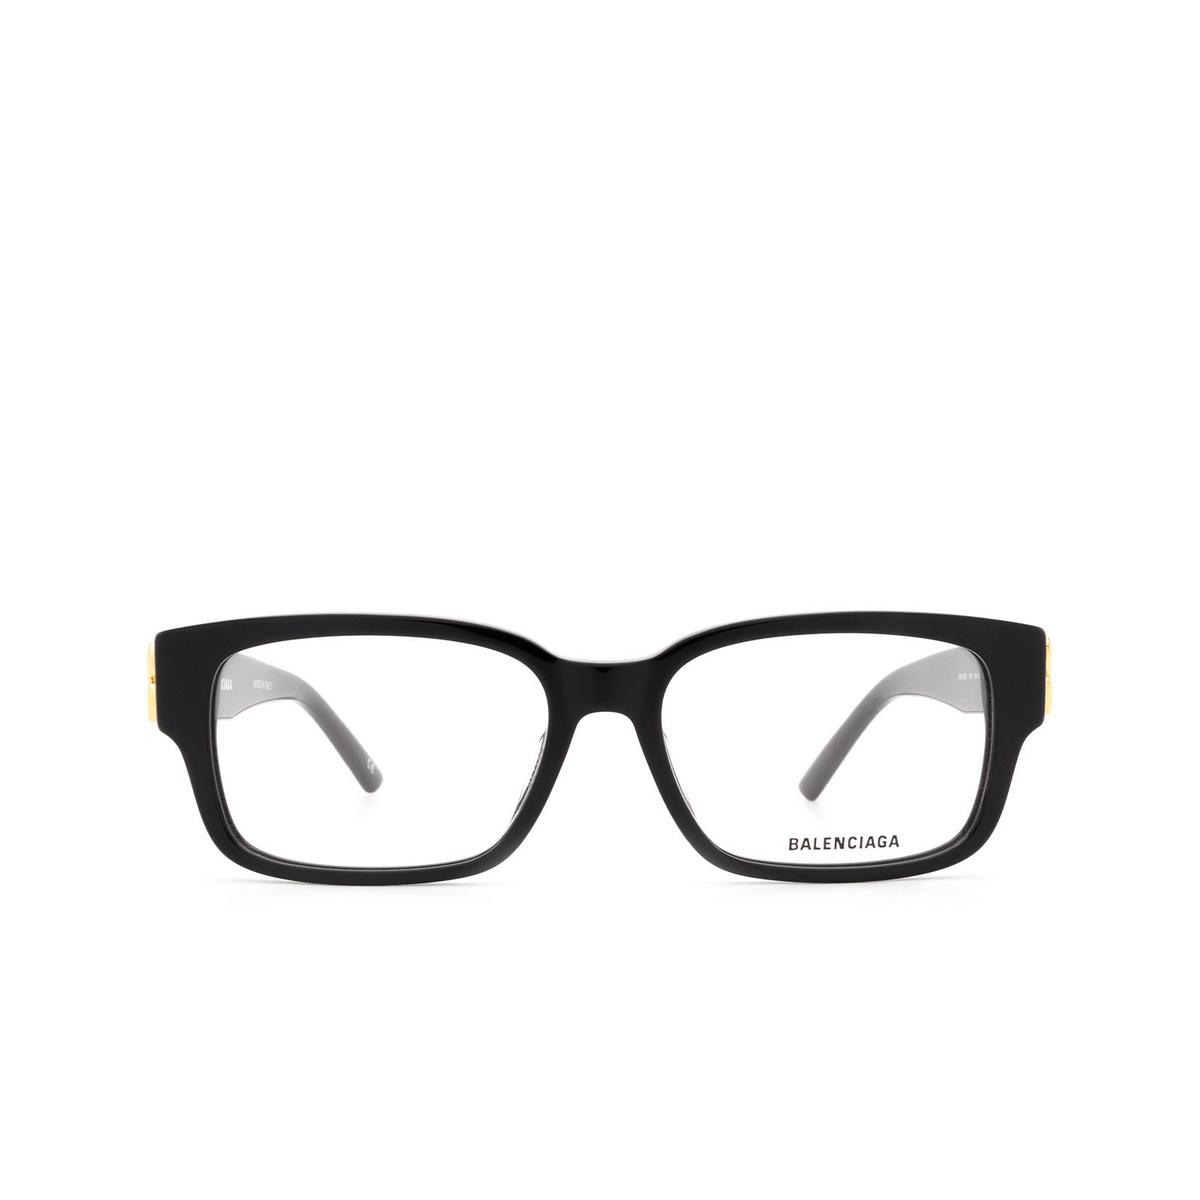 Balenciaga® Rectangle Eyeglasses: BB0105O color Black 001 - front view.